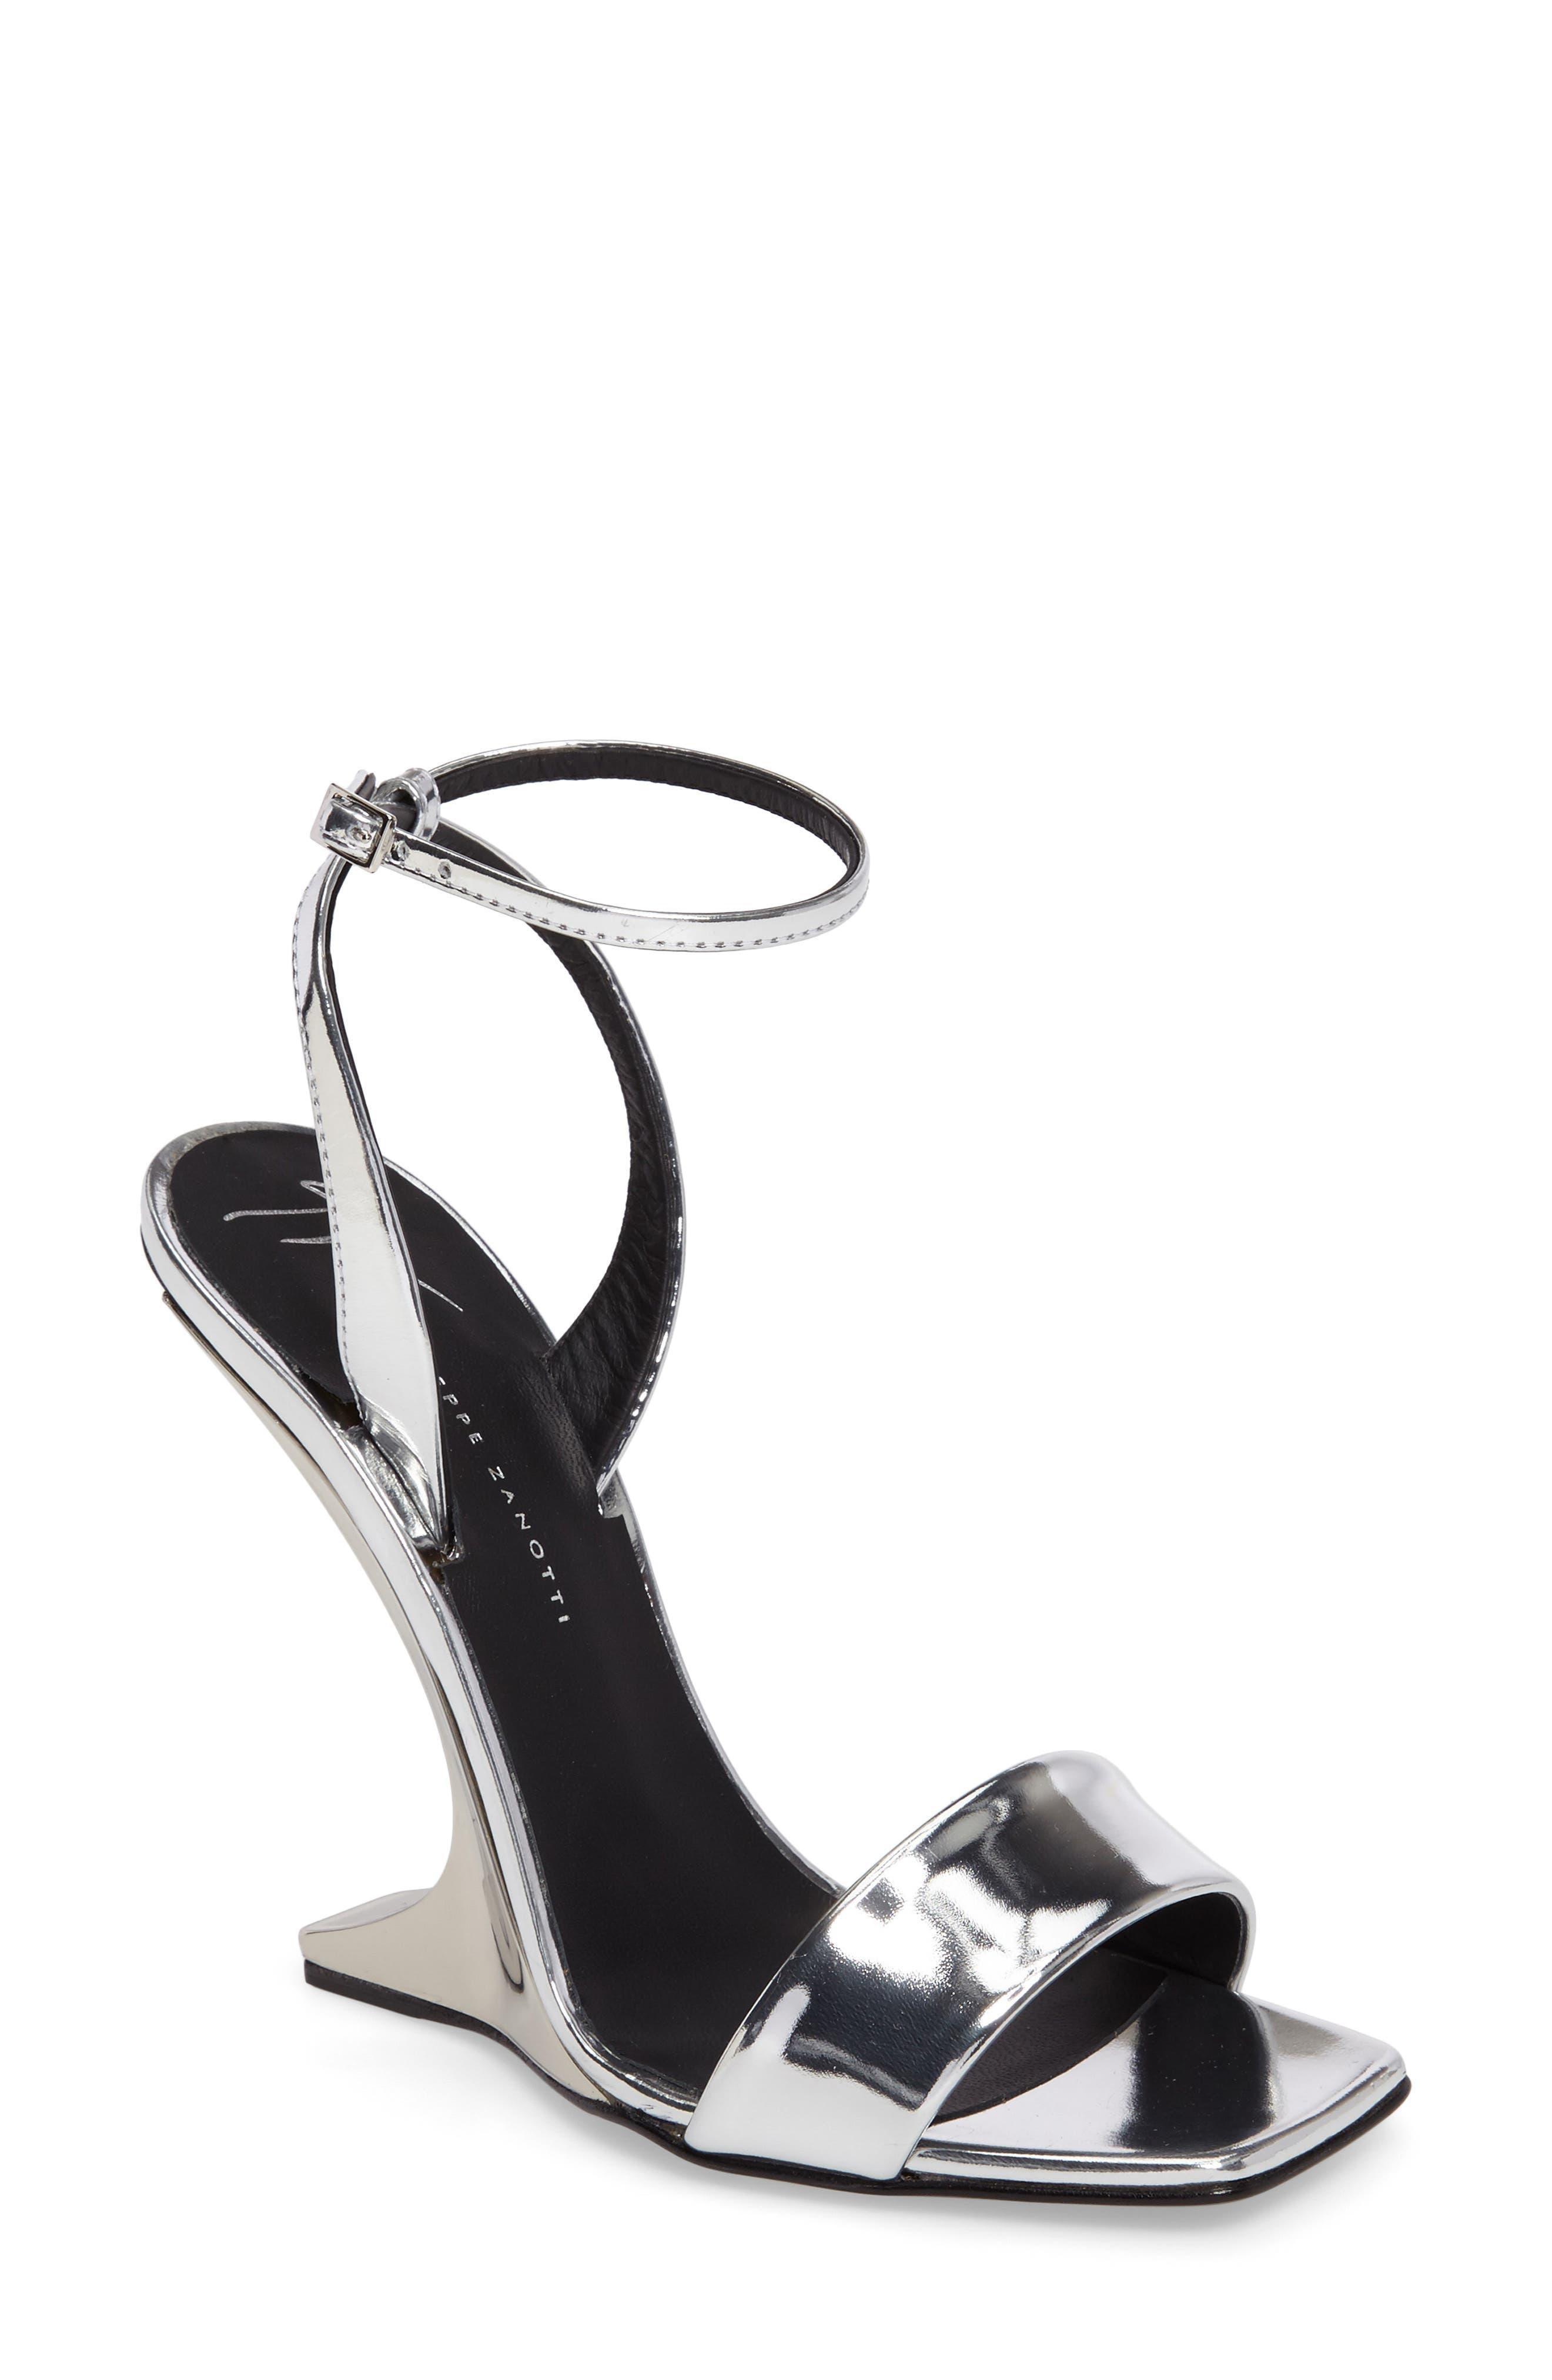 Alternate Image 1 Selected - Giuseppe Zanotti Wedge Sandal (Women)